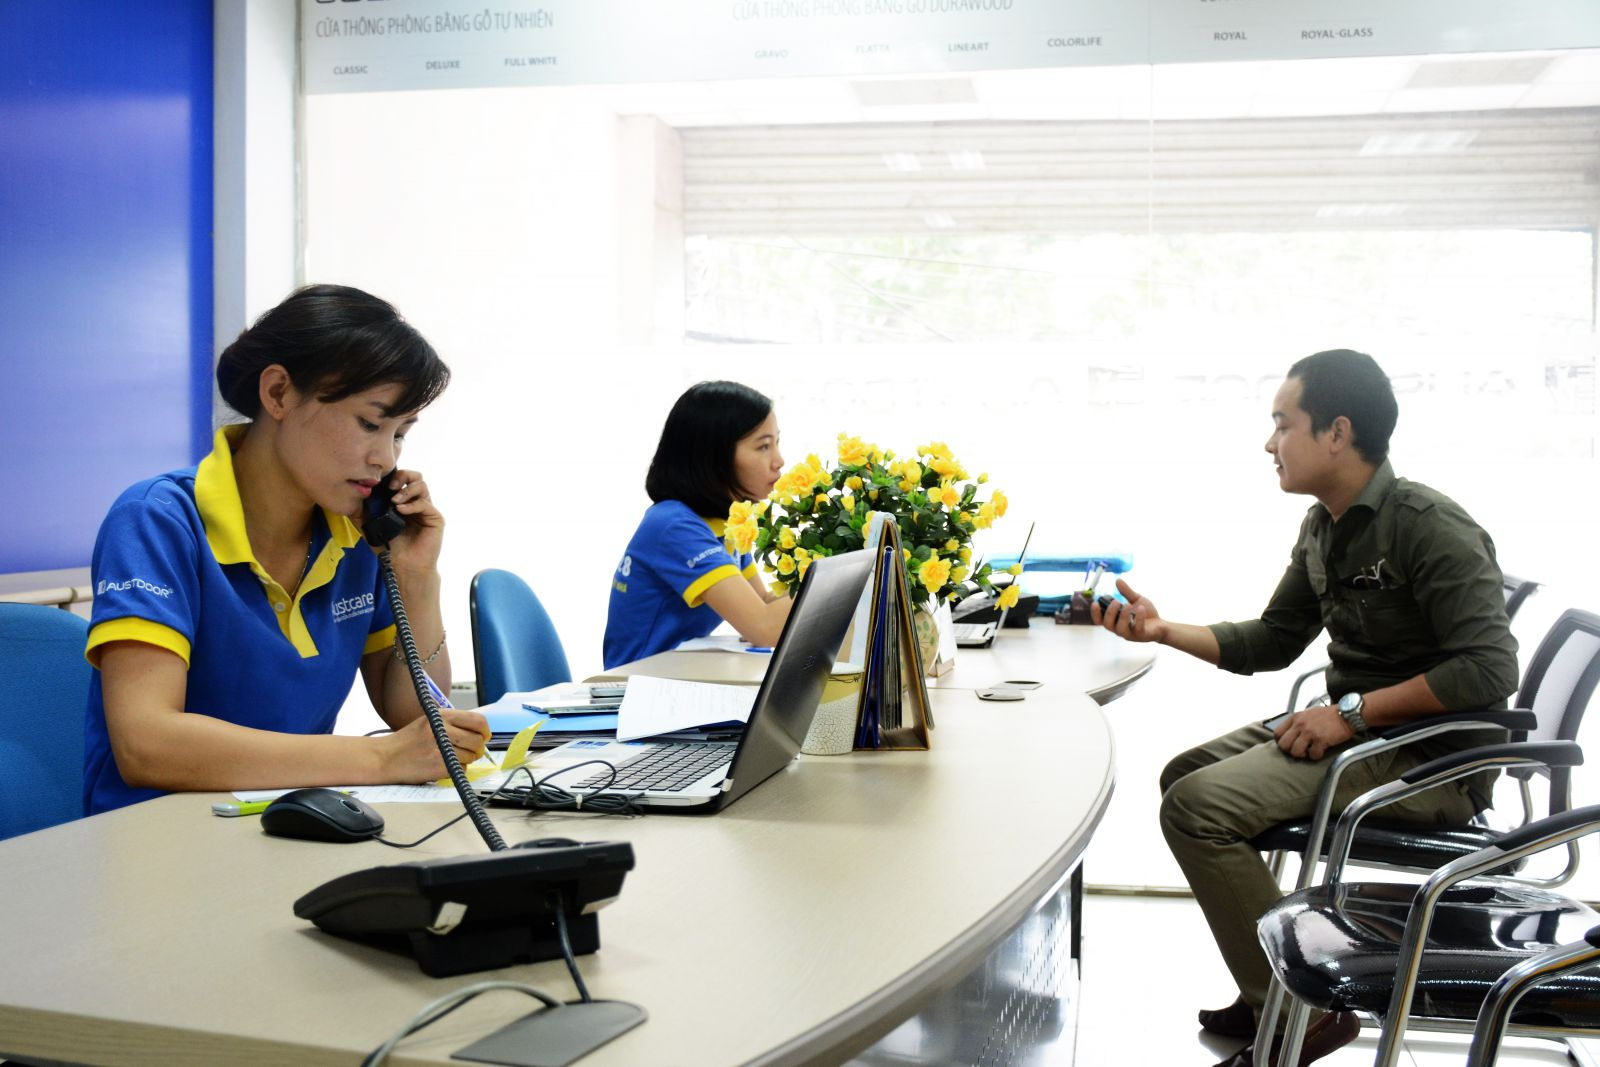 Dịch Vụ Sửa Cửa Cuốn Quận Bình Thạnh An Tâm Khi Sửa Chữa